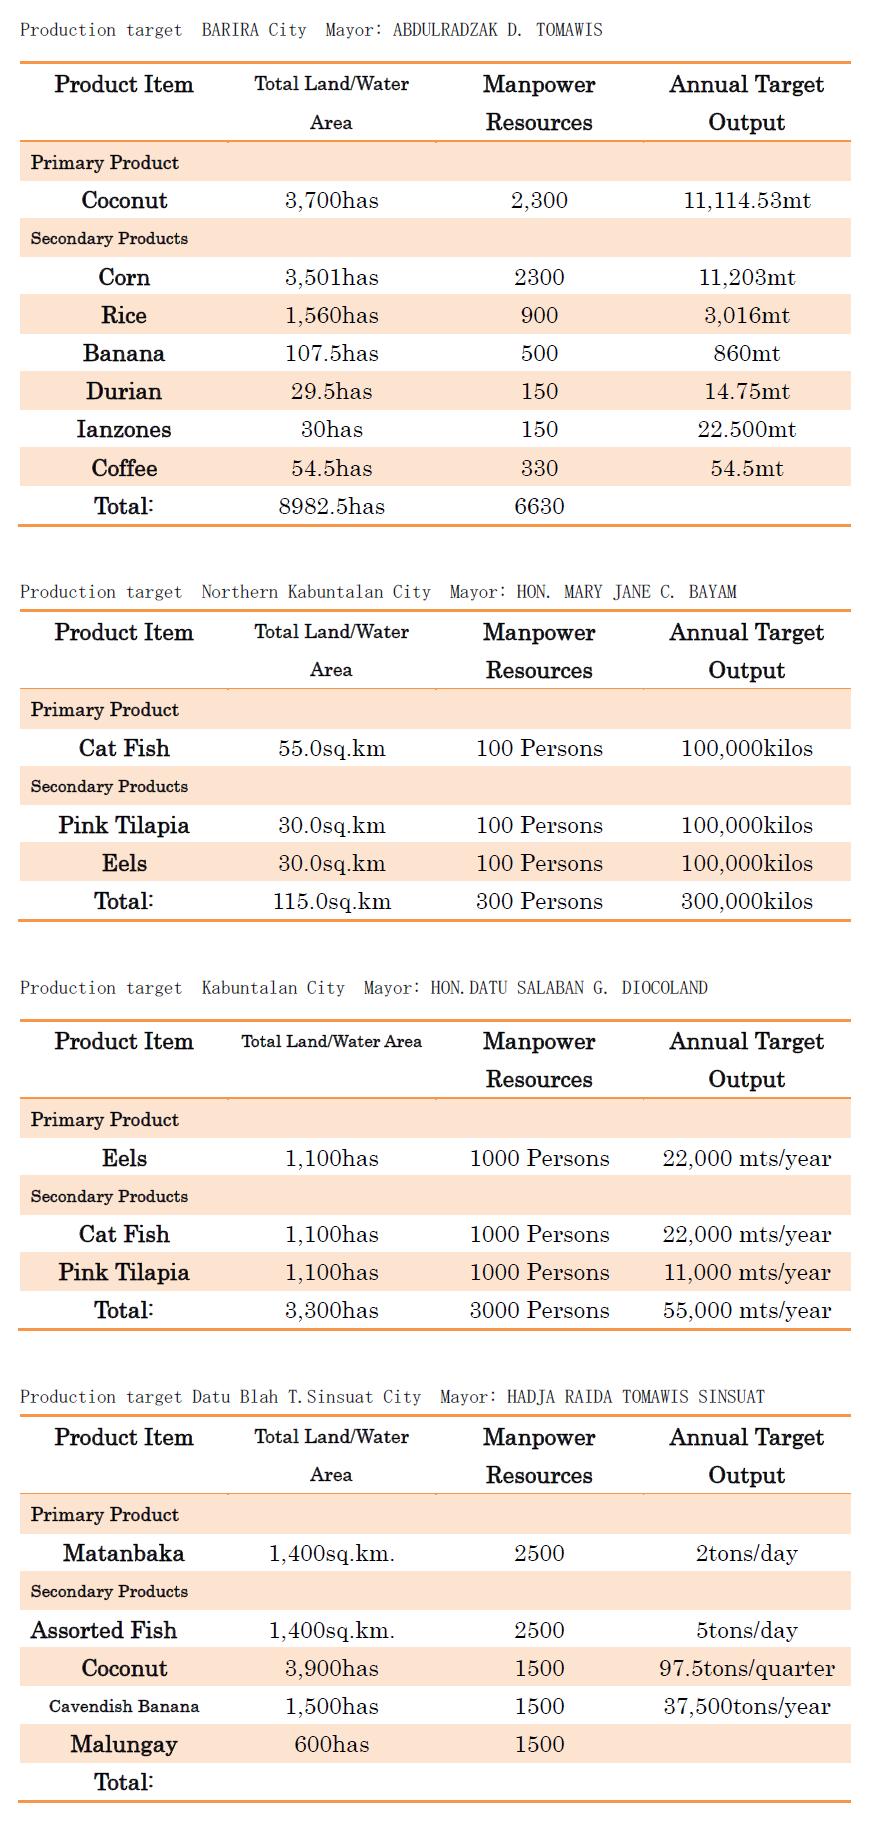 市政府の生産品と生産量2